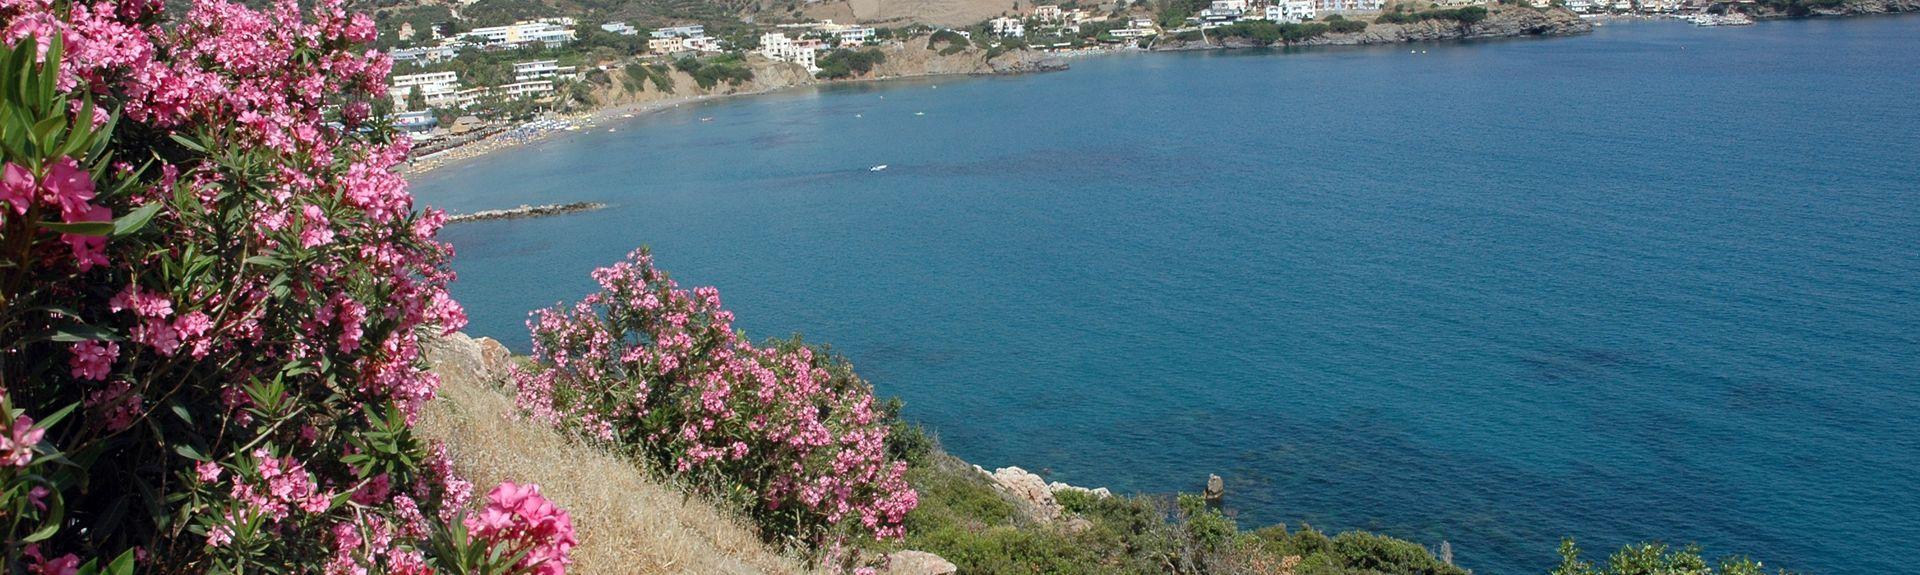 Sises, Crète, Grèce